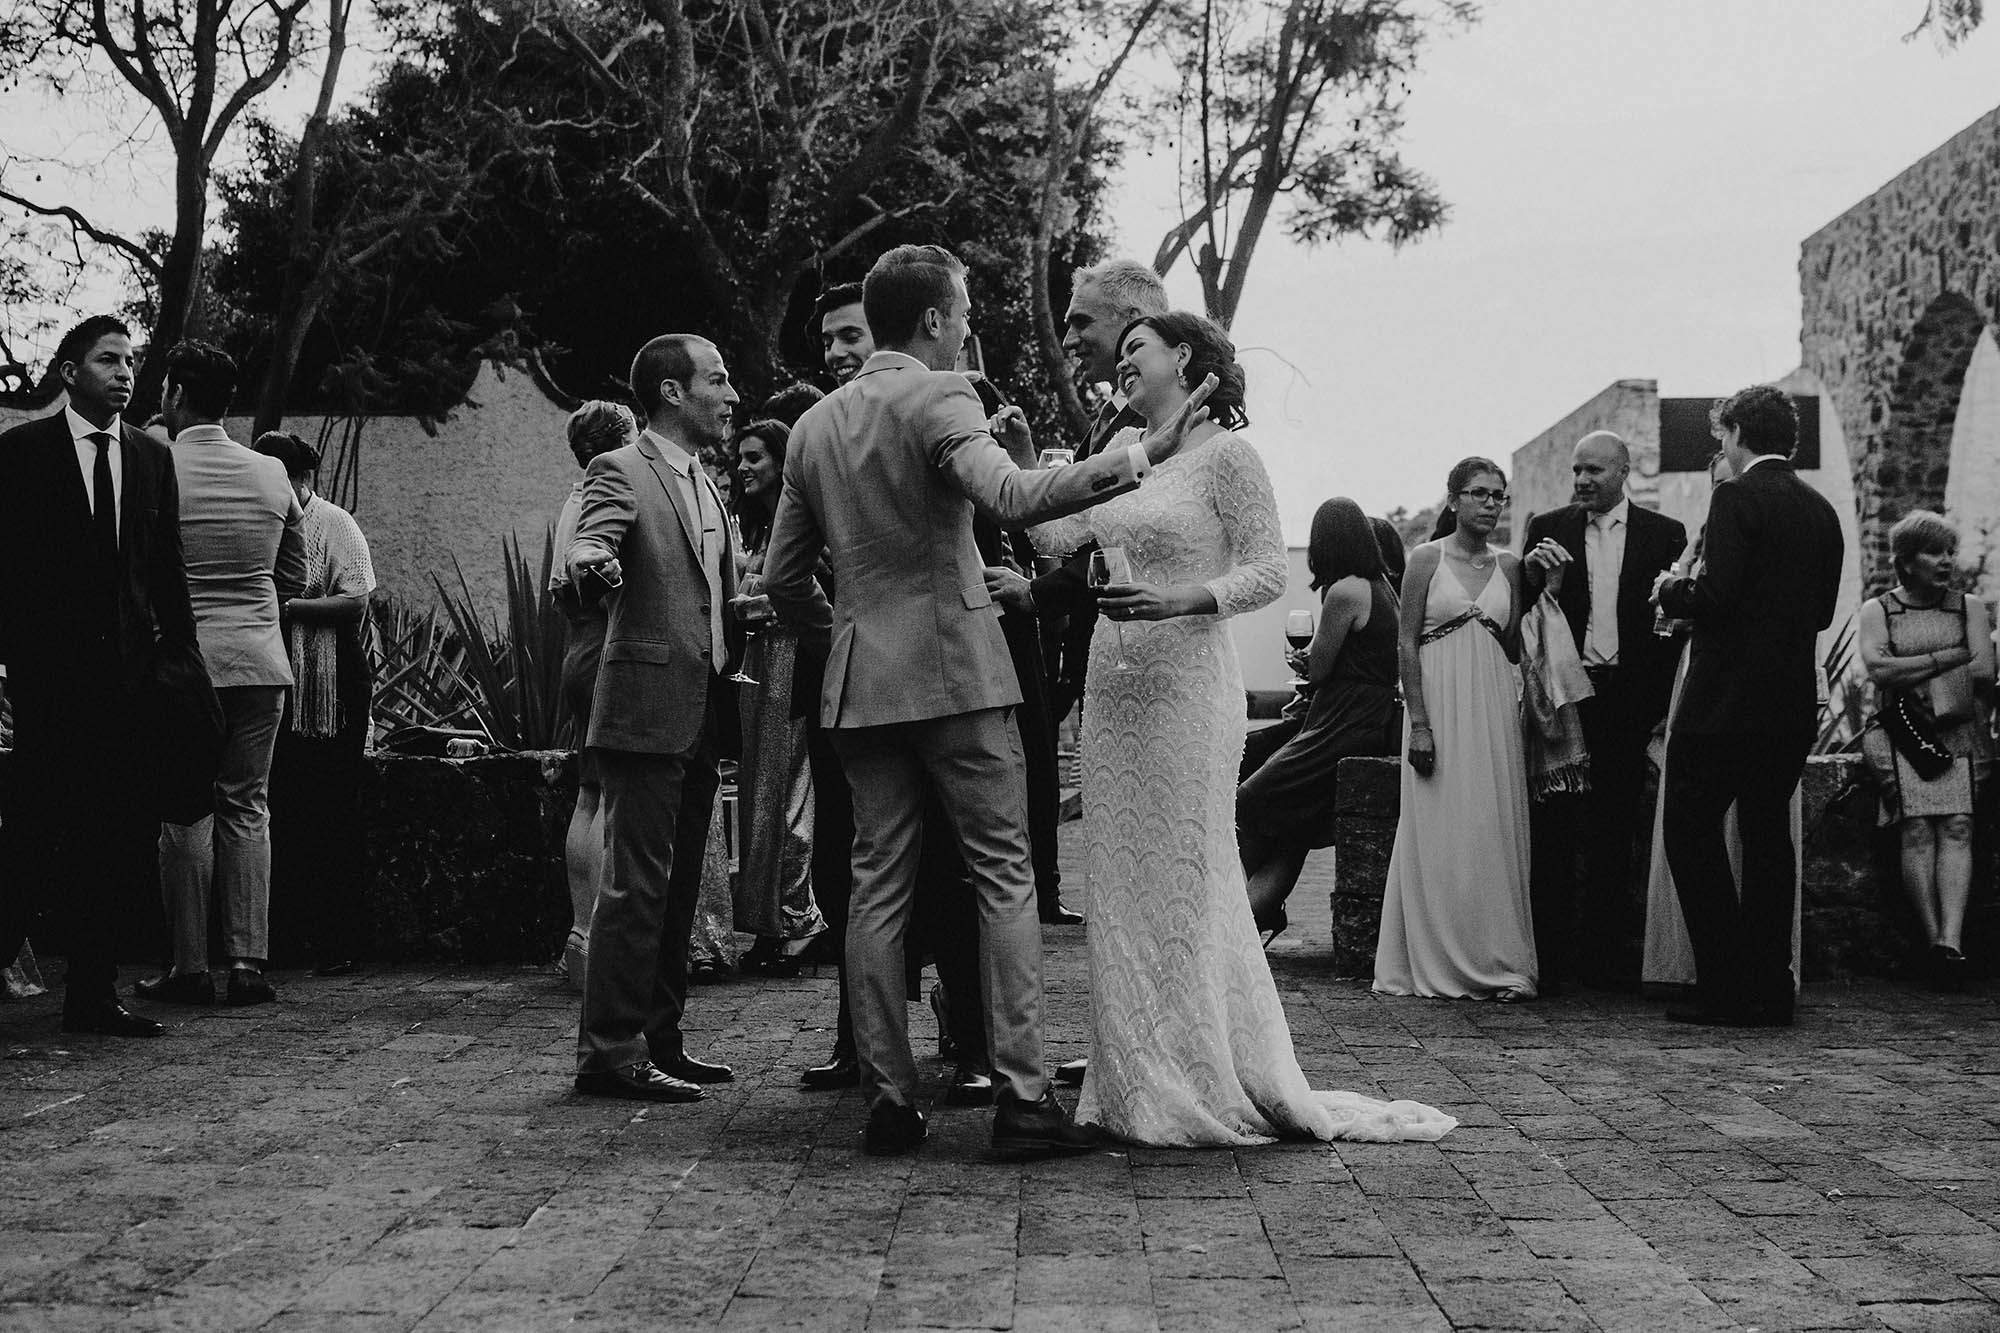 fotografia-de-boda-destino-Jimena-Mañon-Javier-Mere-28.jpg